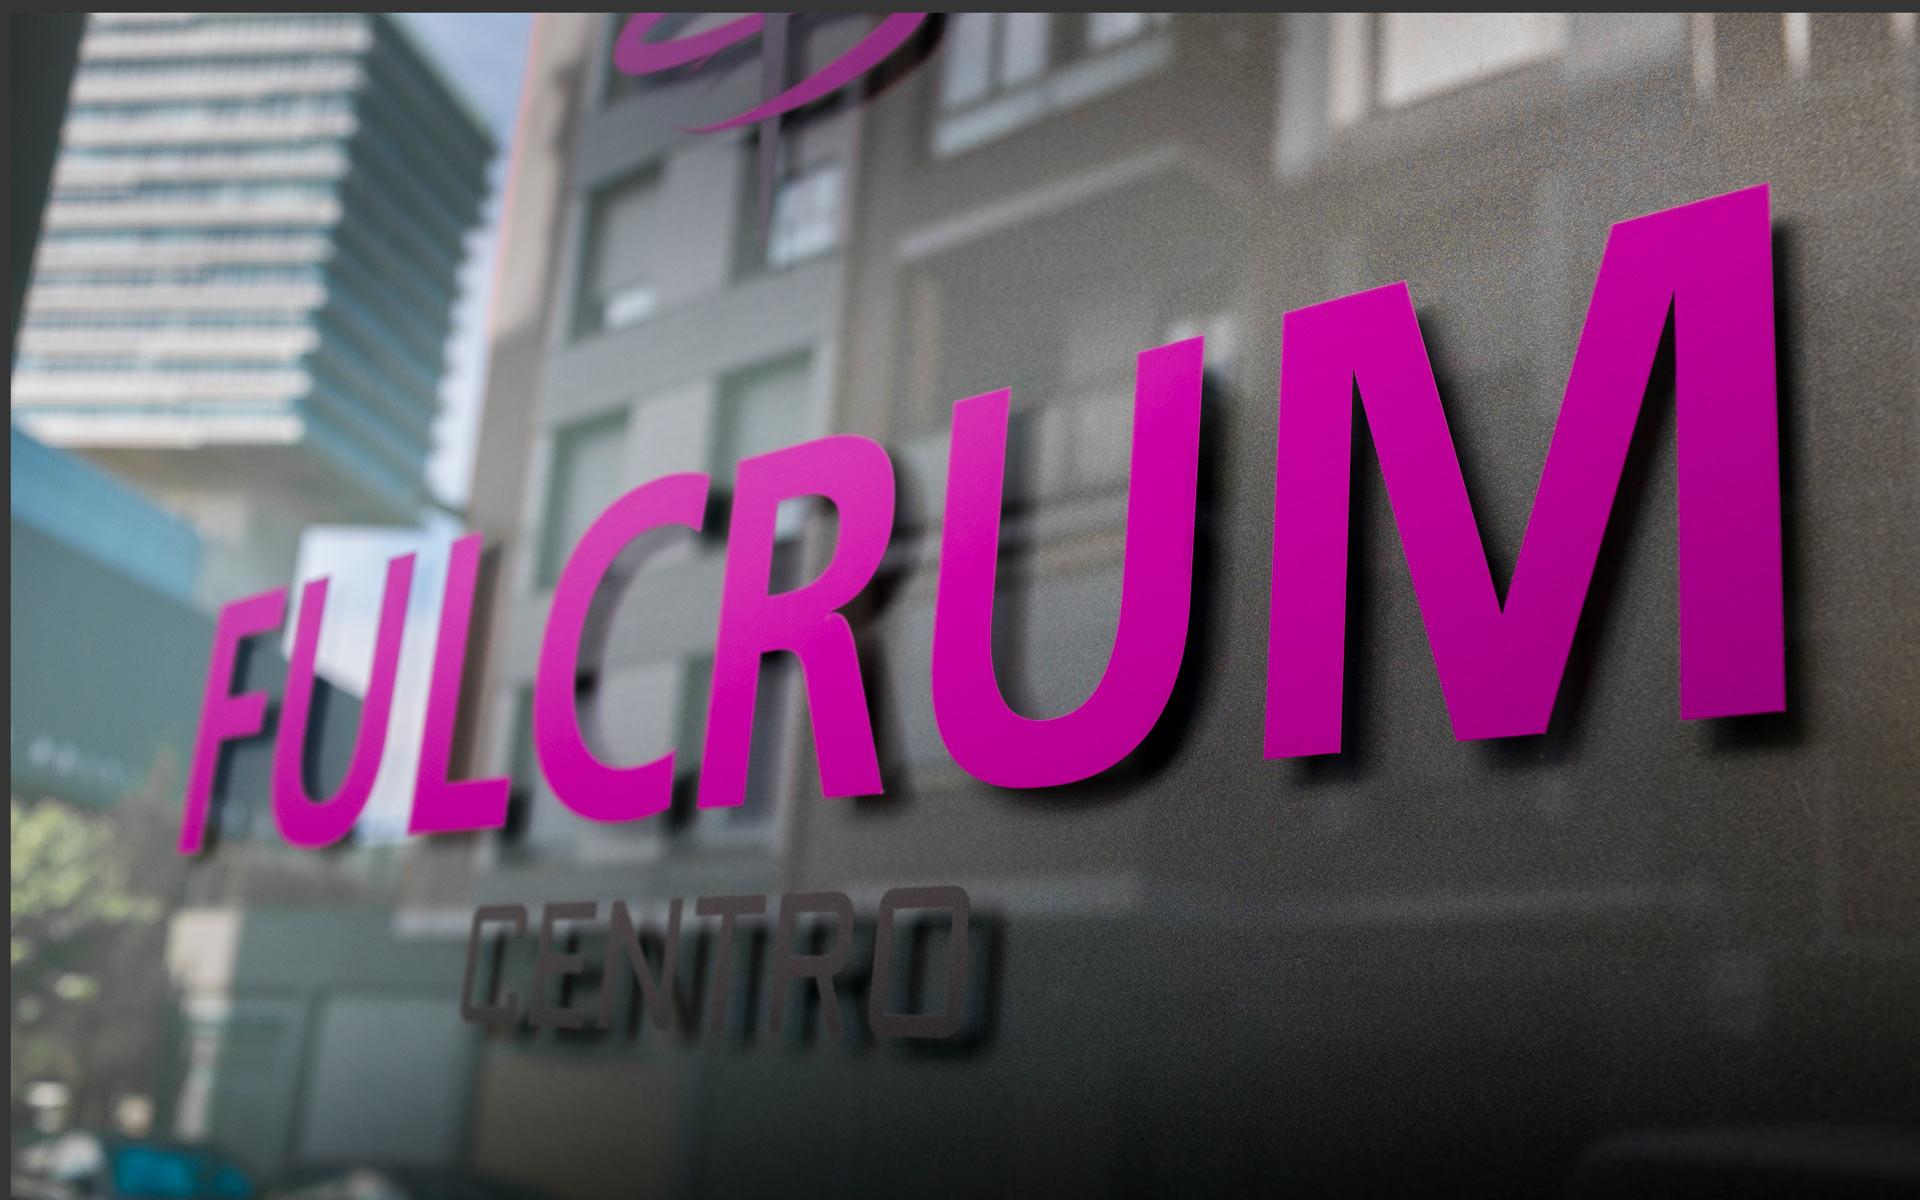 FULCRUM CENTRO, 10 AÑOS CONTIGO